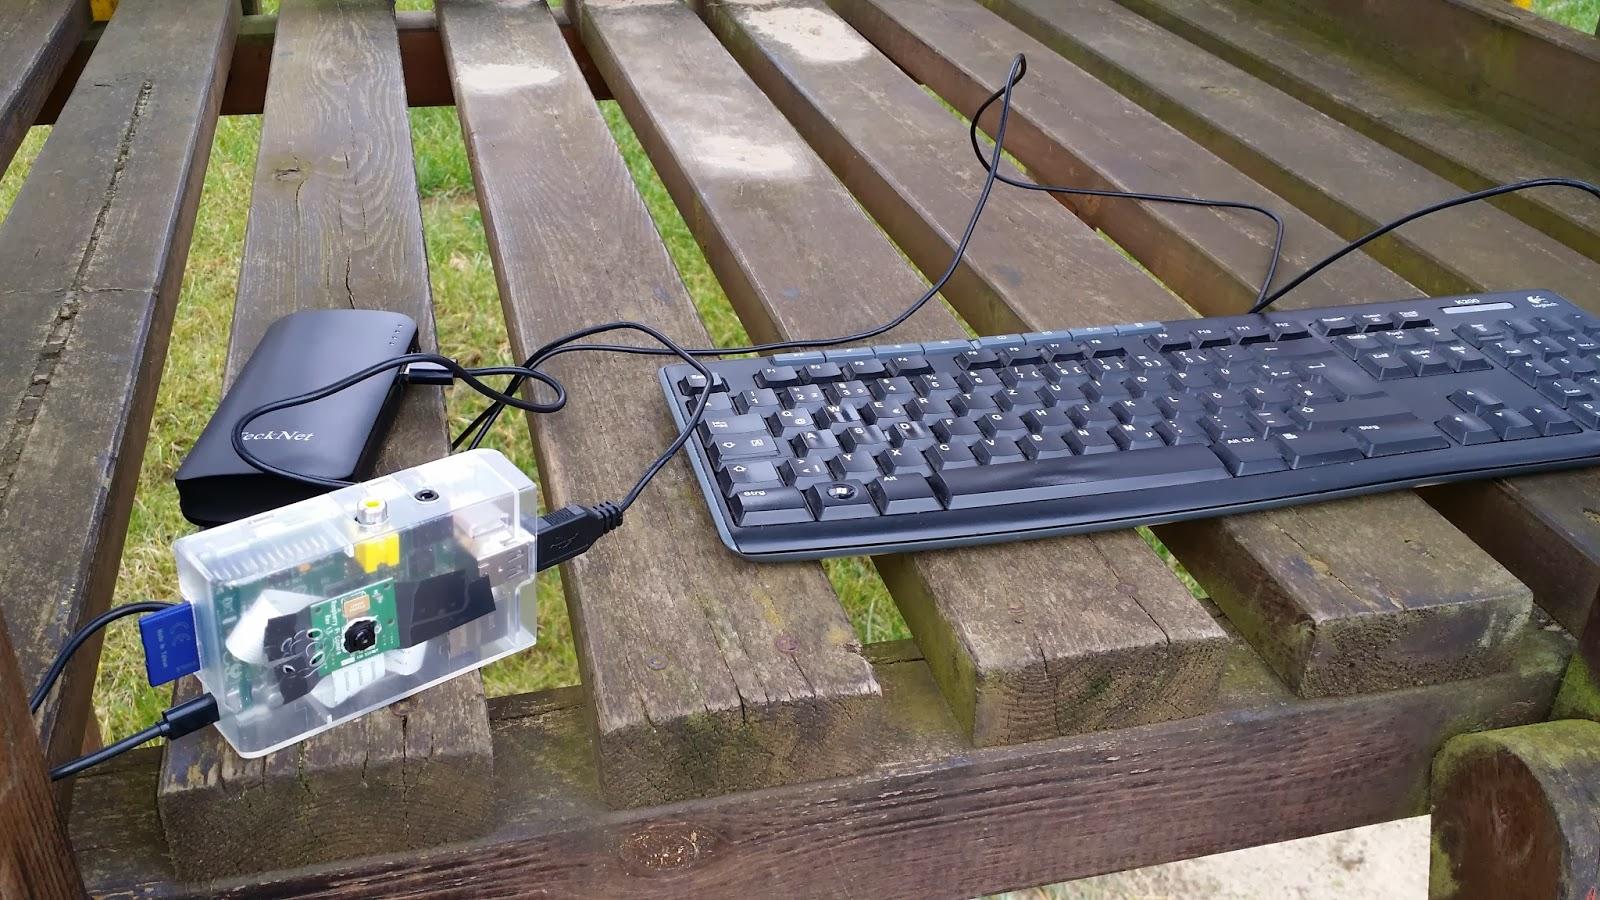 gametech videospiele technik erste zeitraffer aufnahmen mit der raspberry pi kamera. Black Bedroom Furniture Sets. Home Design Ideas